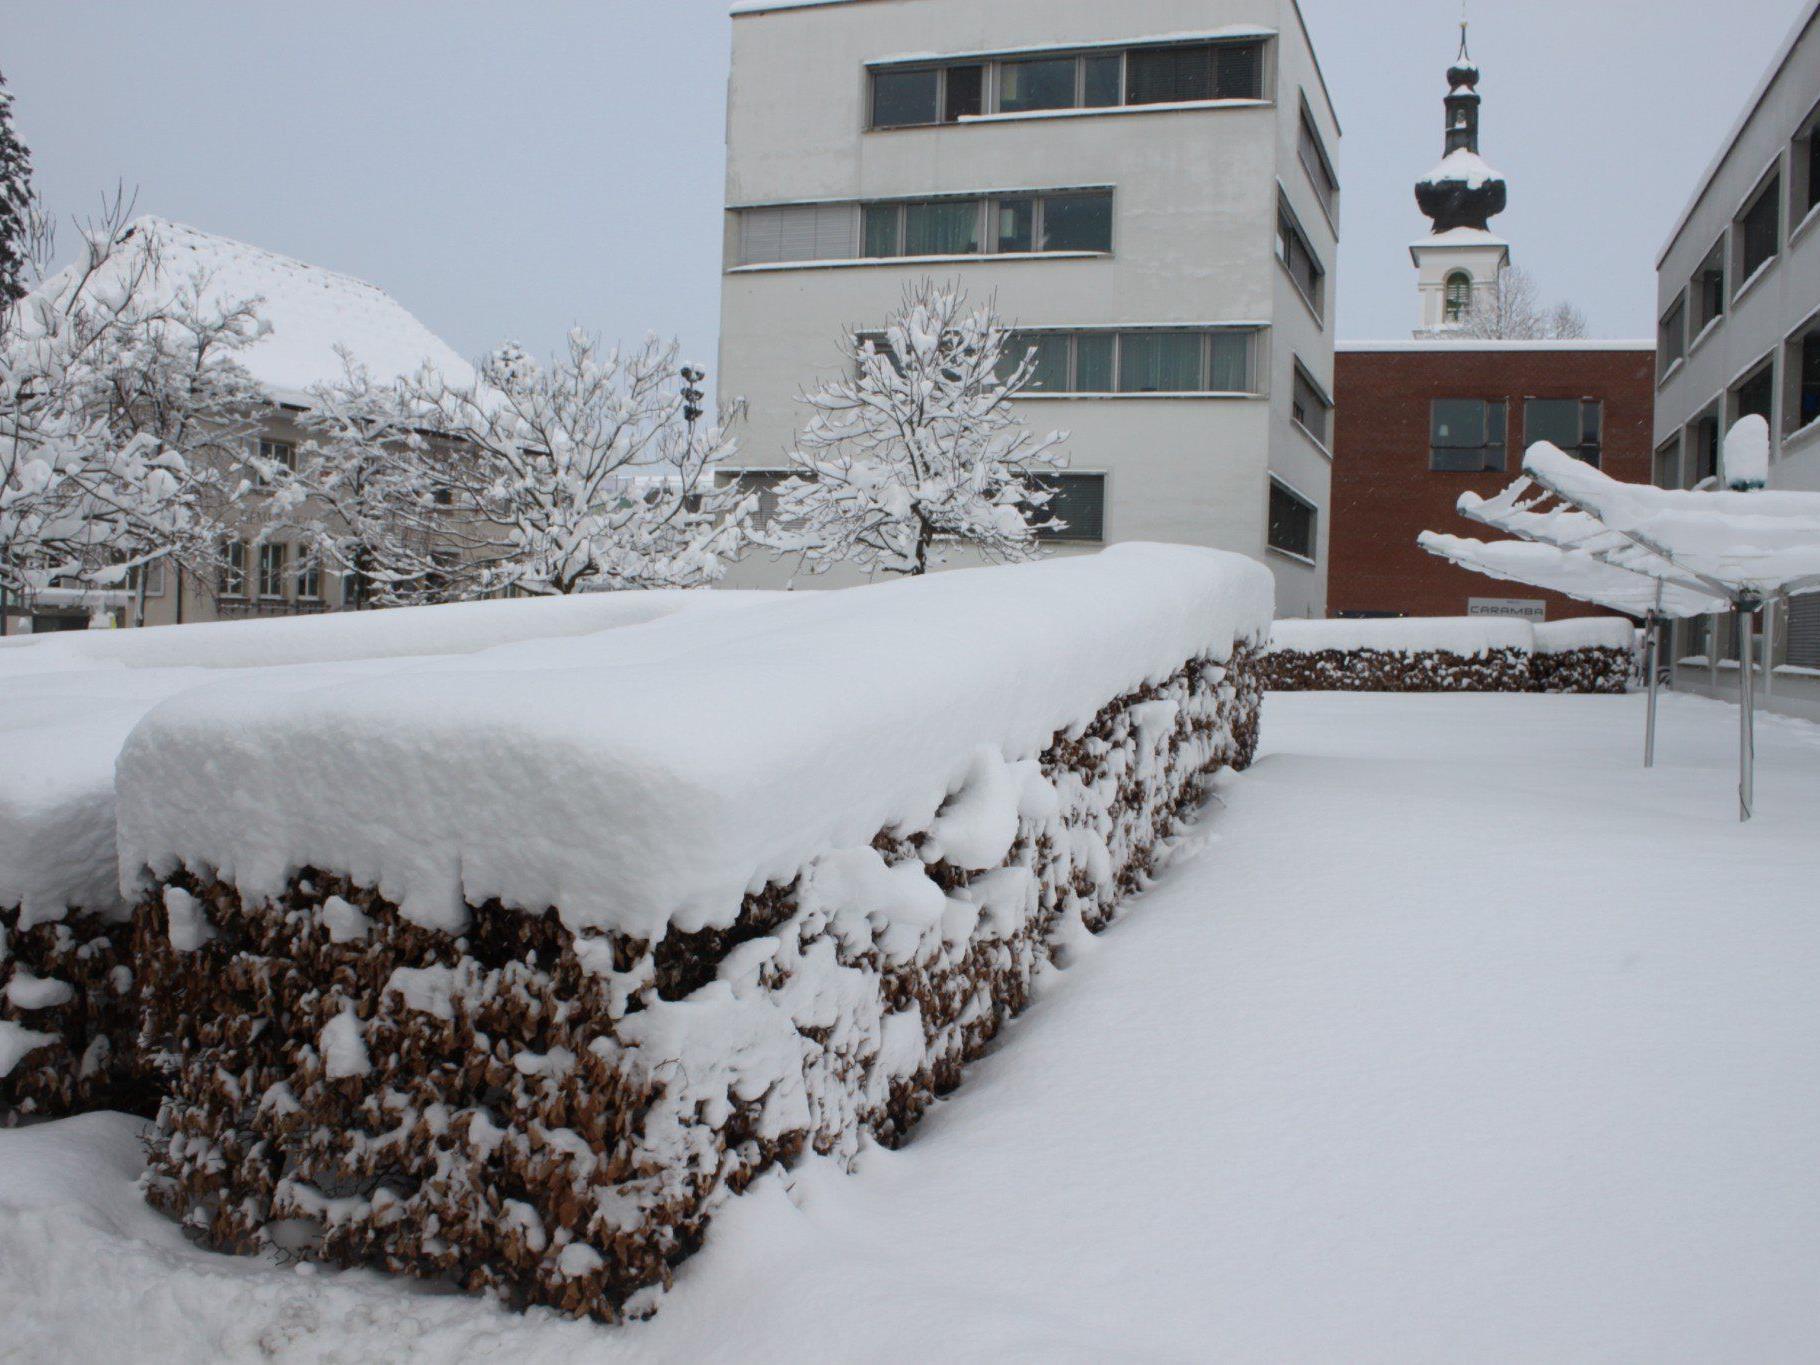 Winterimpressionen aus Lochau am Bodensee.